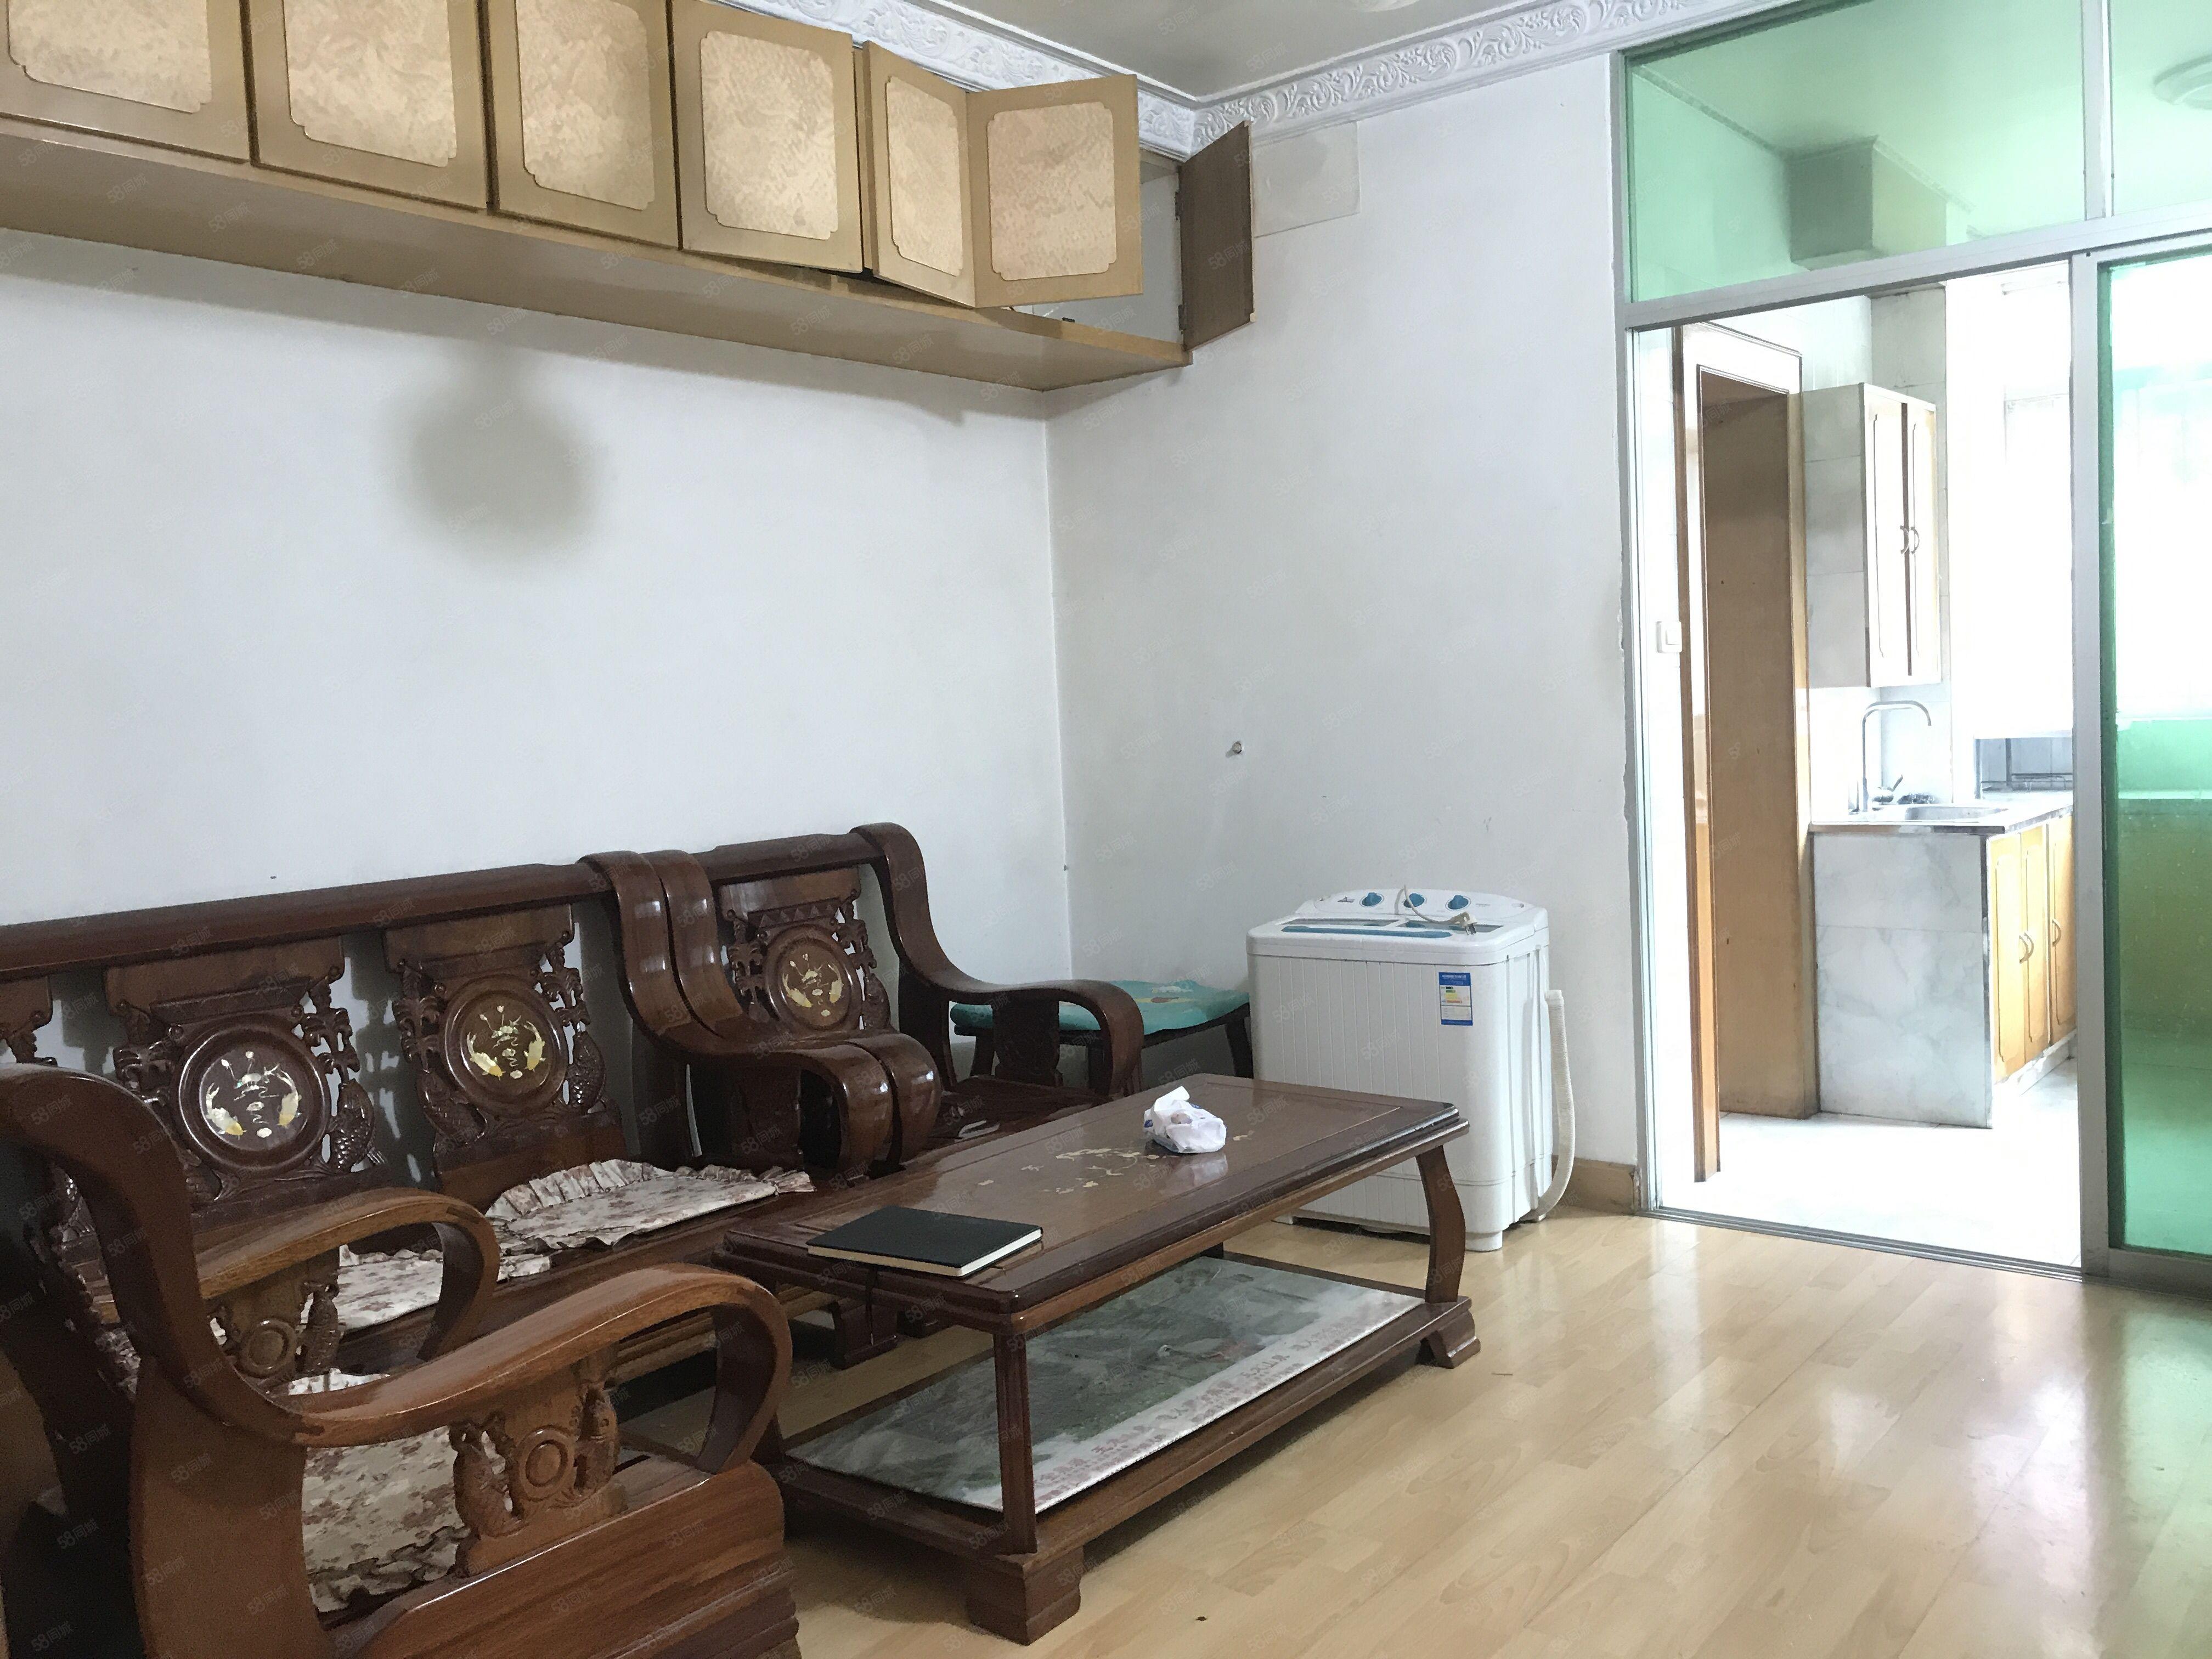 香港路航天六区步梯三楼标准两室两厅户型方正老证